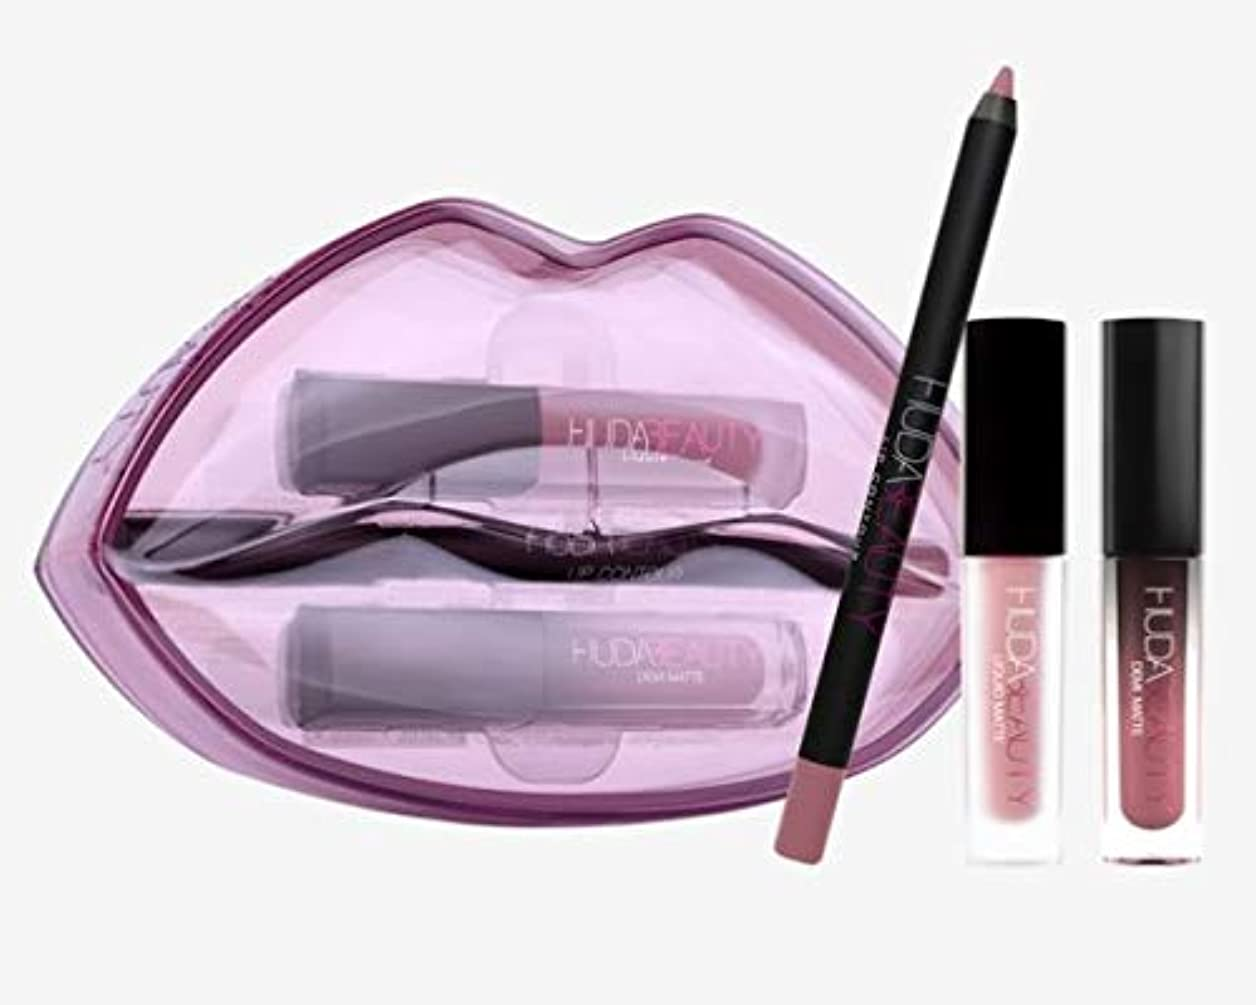 どっち非アクティブかろうじてHudabeauty Matte & Cream Lip Set Provocateur & Muse リップセット マットリップ